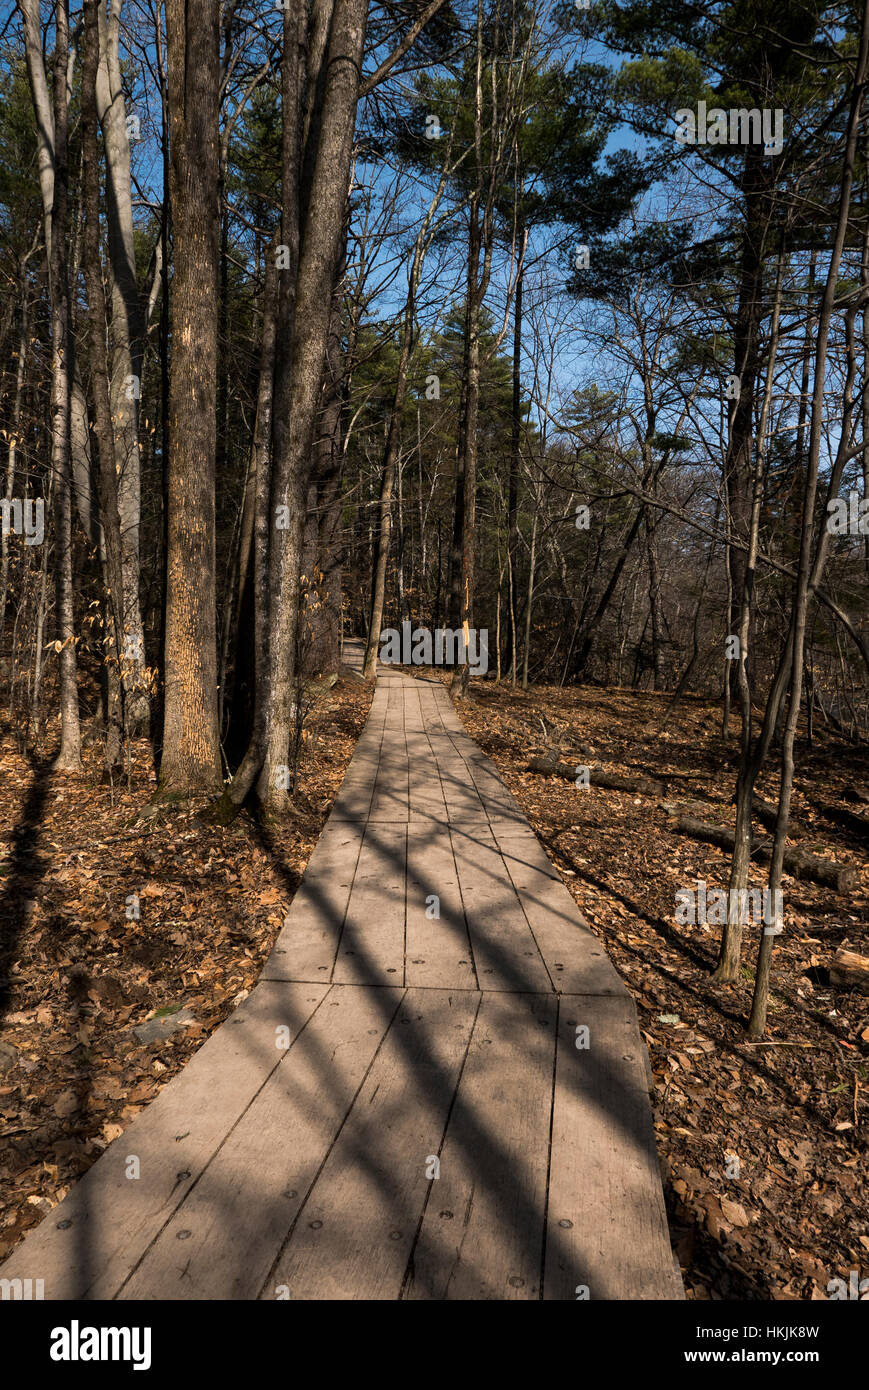 Il Boardwalk sentiero attraverso boschi. Immagini Stock